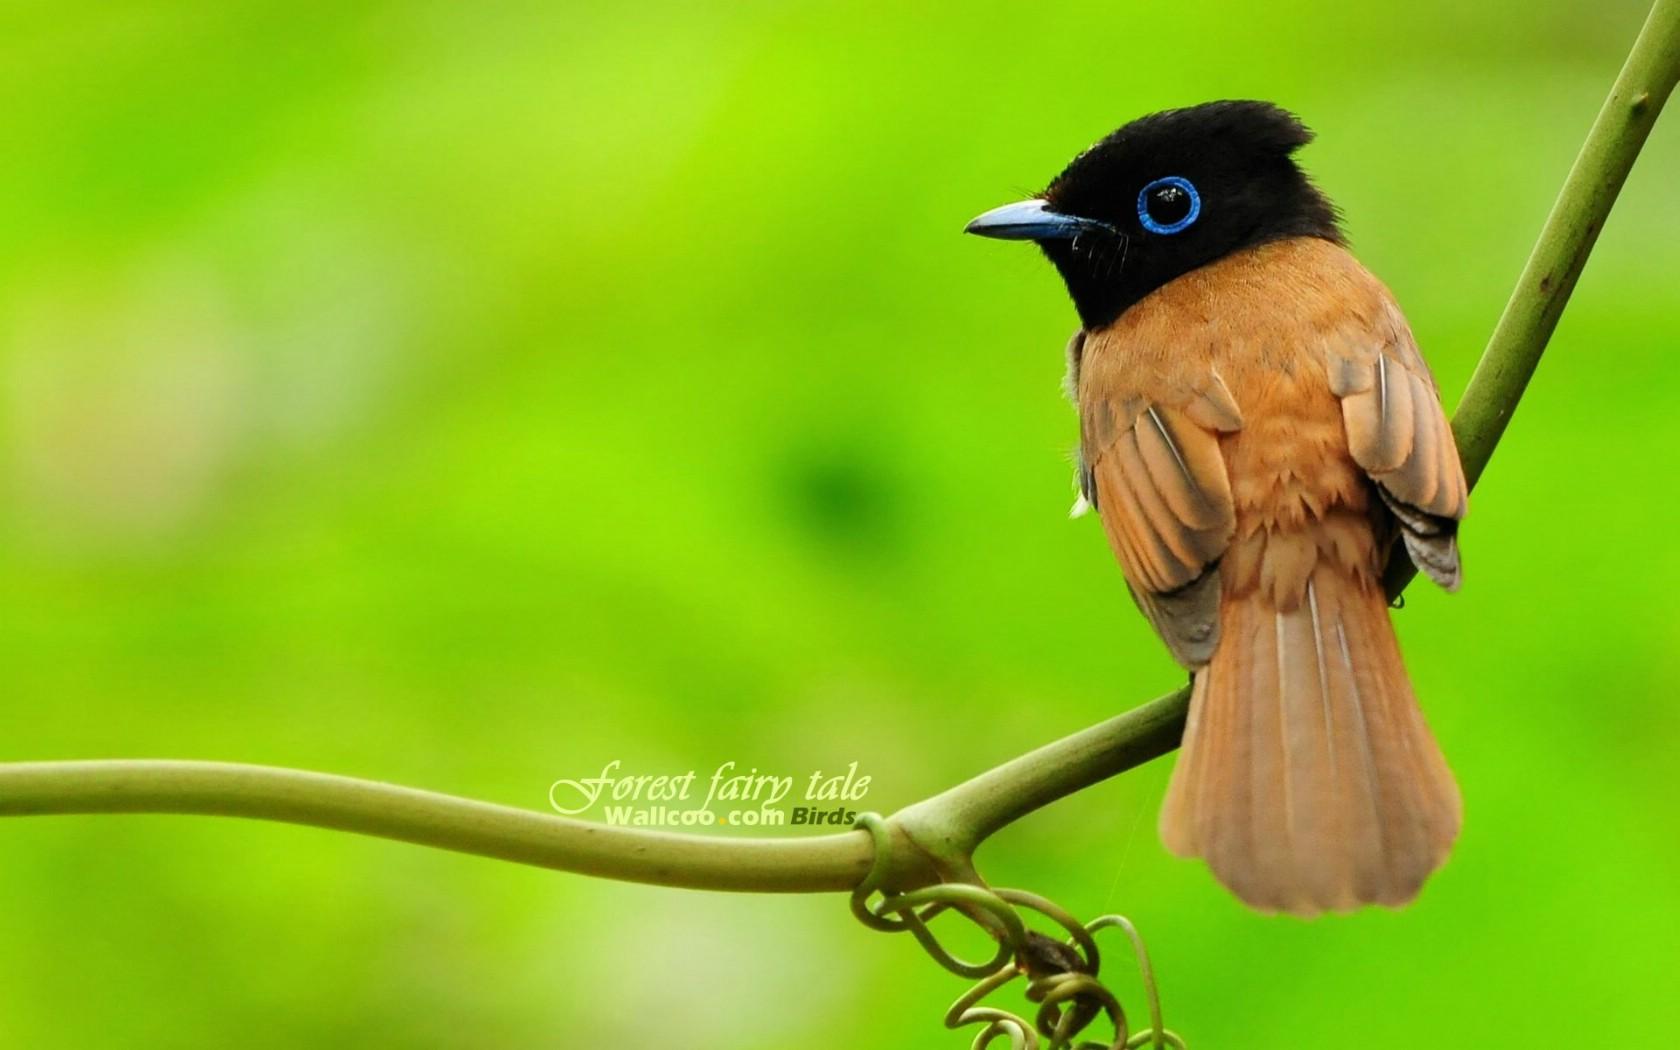 安卓 壁纸/树林里的小精灵春天可爱小鸟壁纸寿带鸟 可爱灵气小鸟图片壁纸